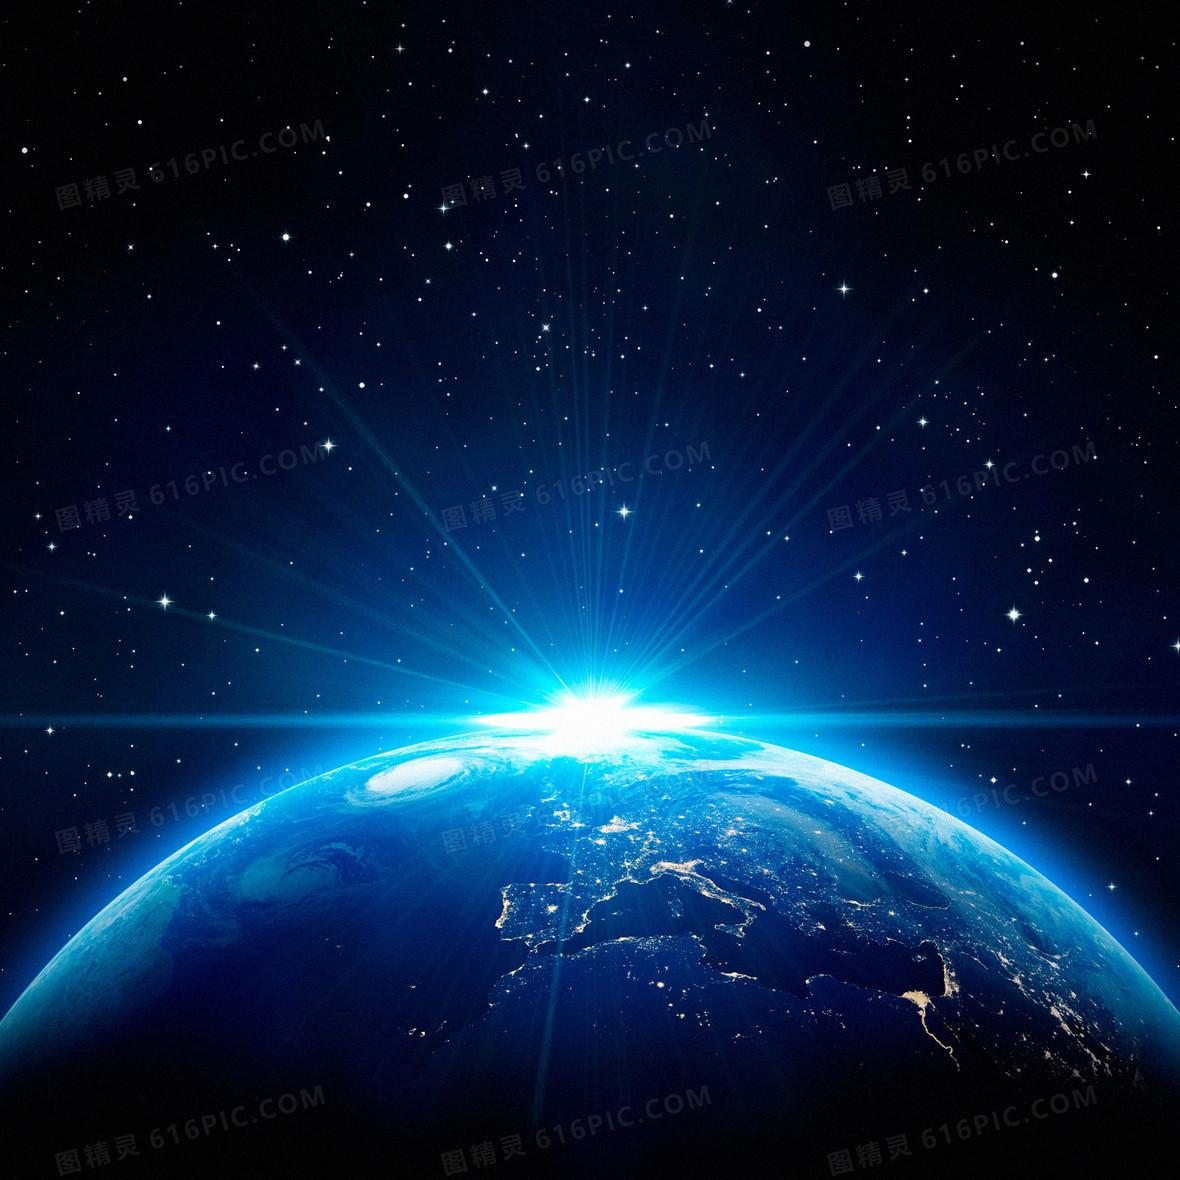 蓝色地球星空背景素材